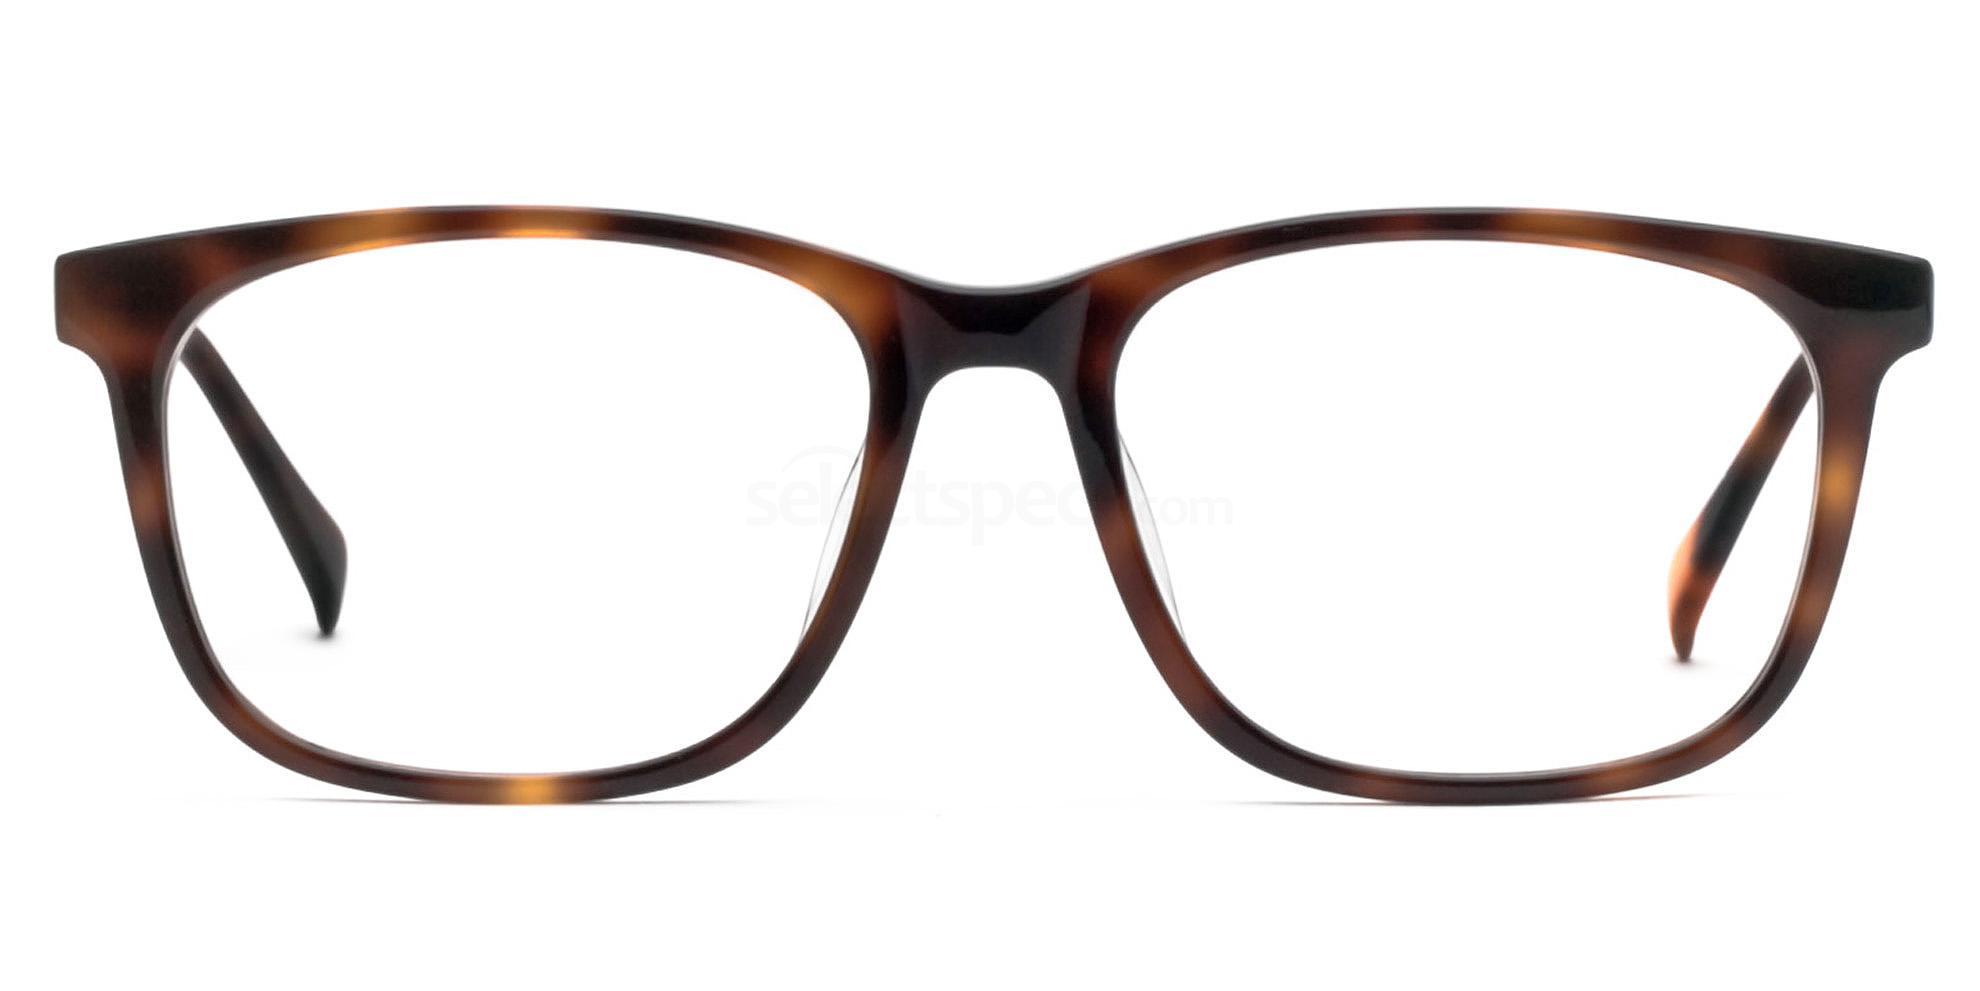 Marlon_brando_esque_glasses